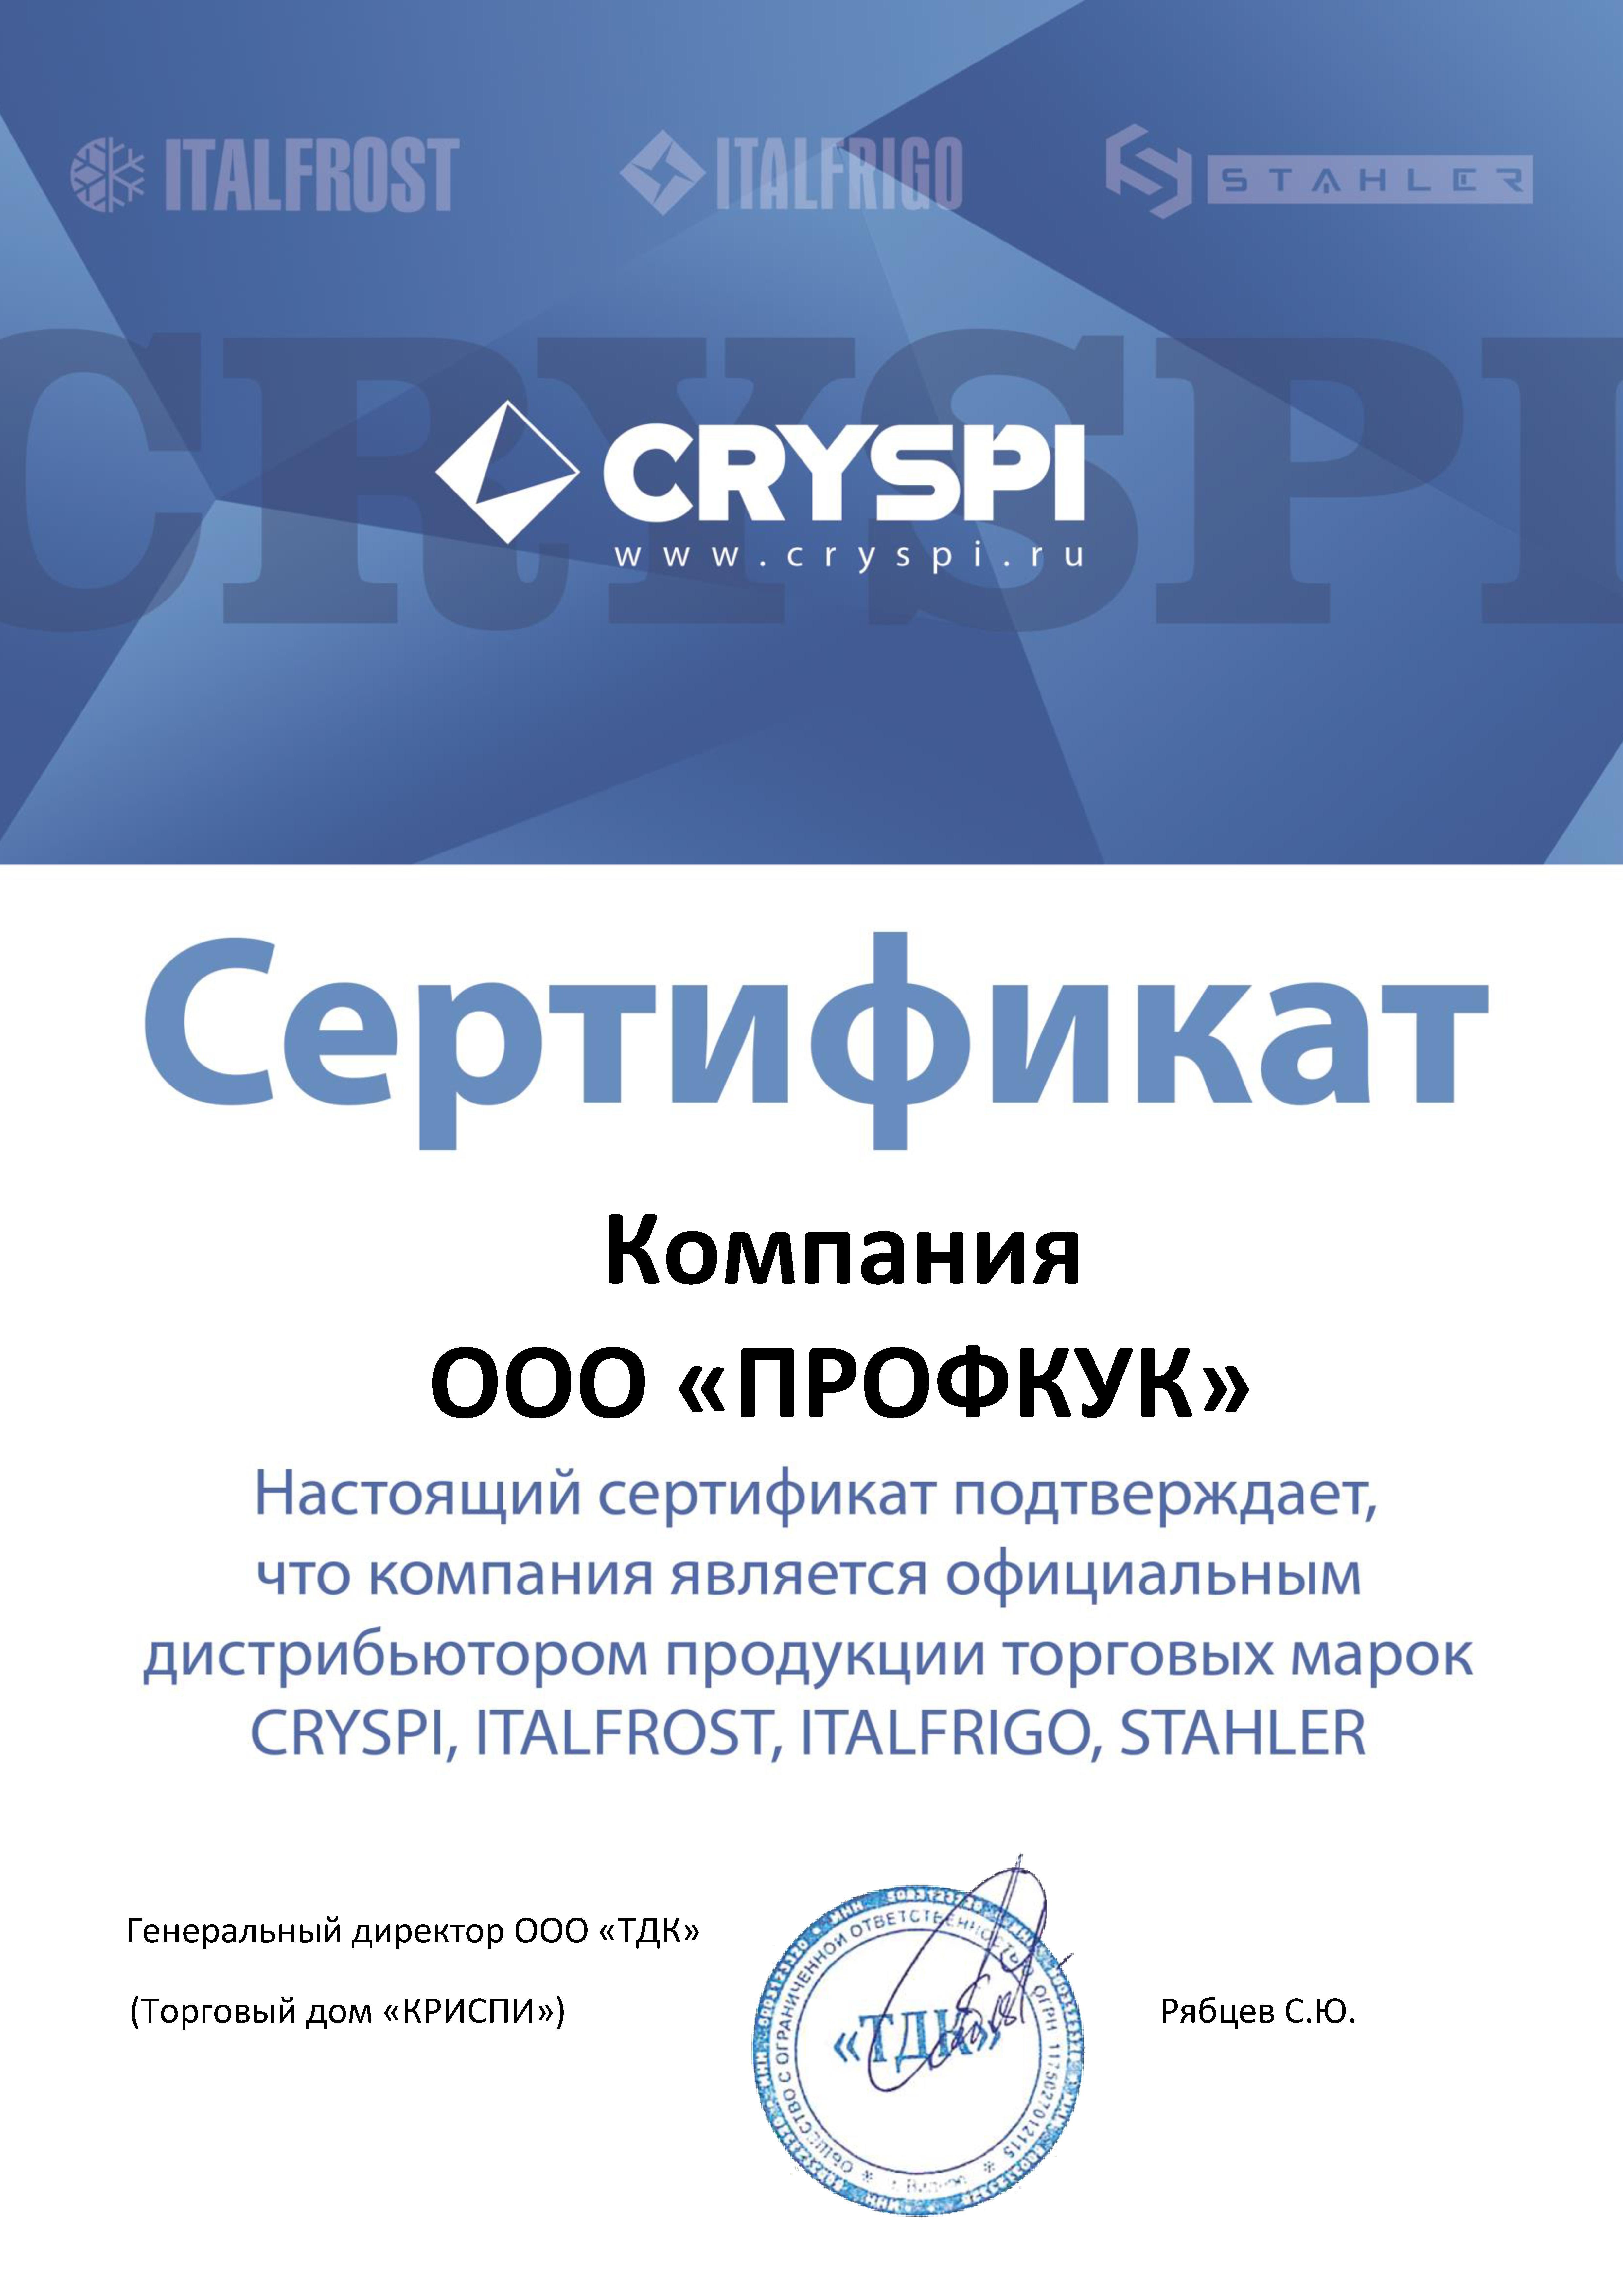 Сертификат CRYSPI Profcook